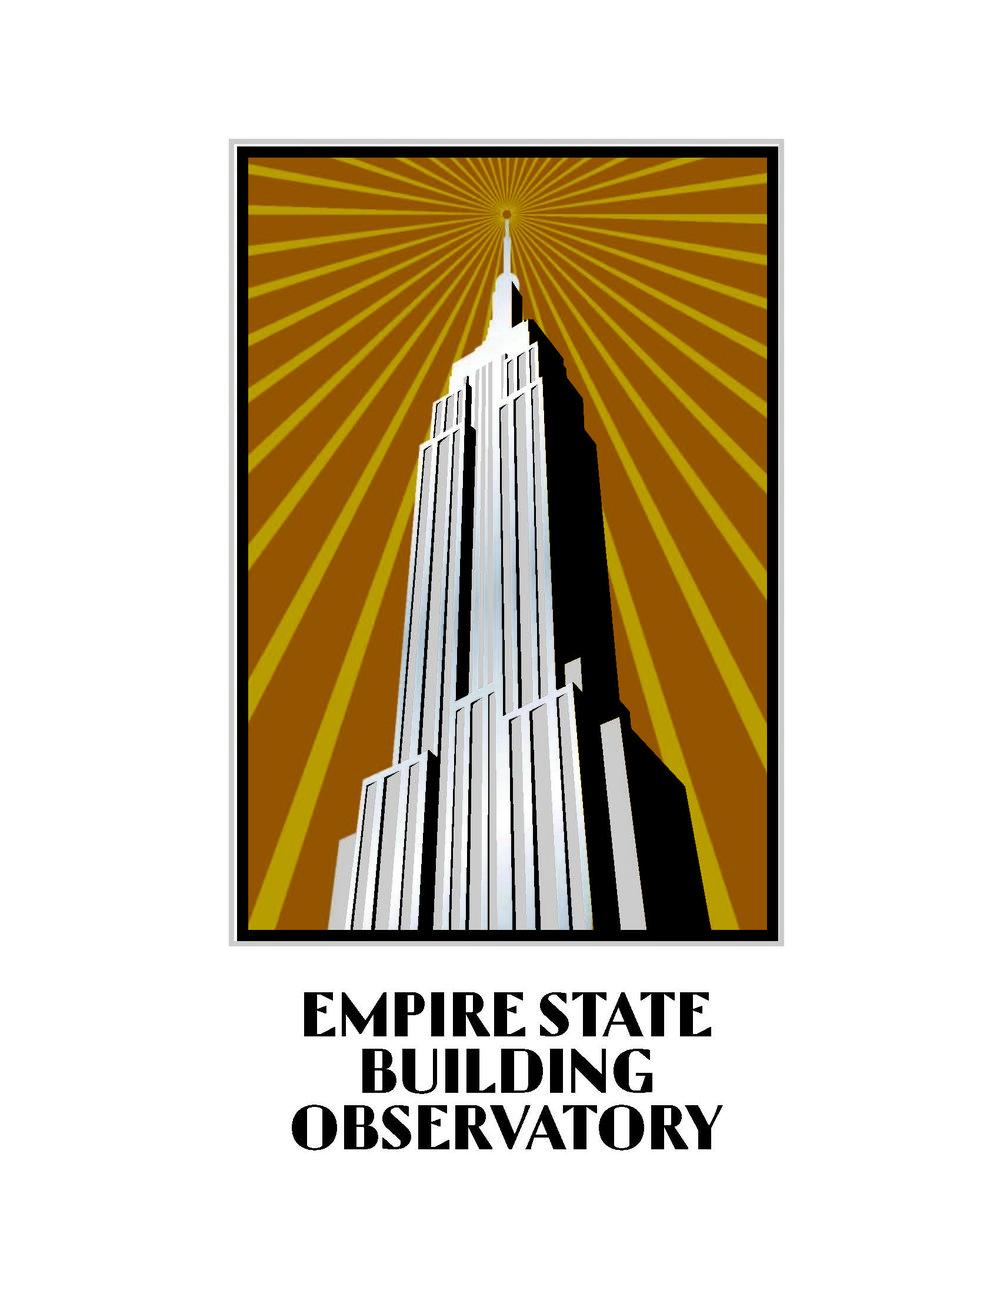 EmpireStateBuildingLogo.jpg .jpg